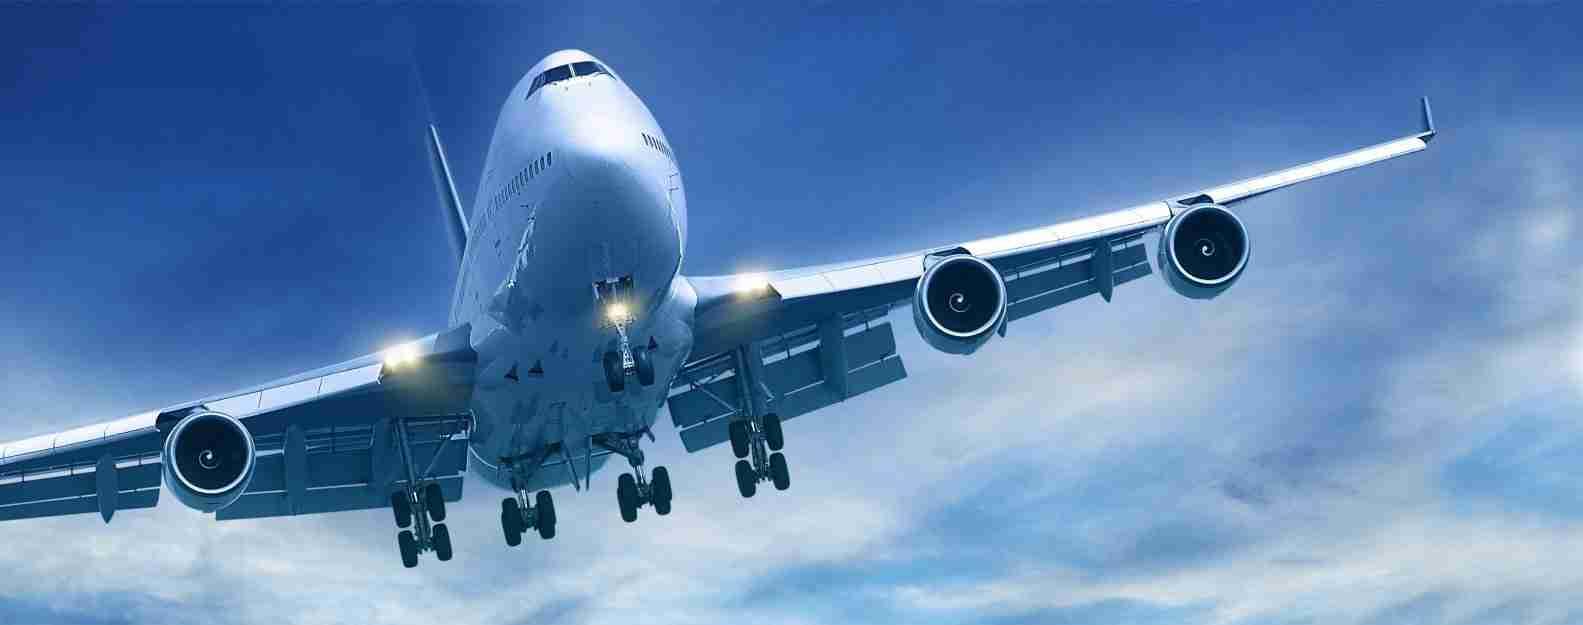 Авиаперевозки в Славянск-на-Кубани